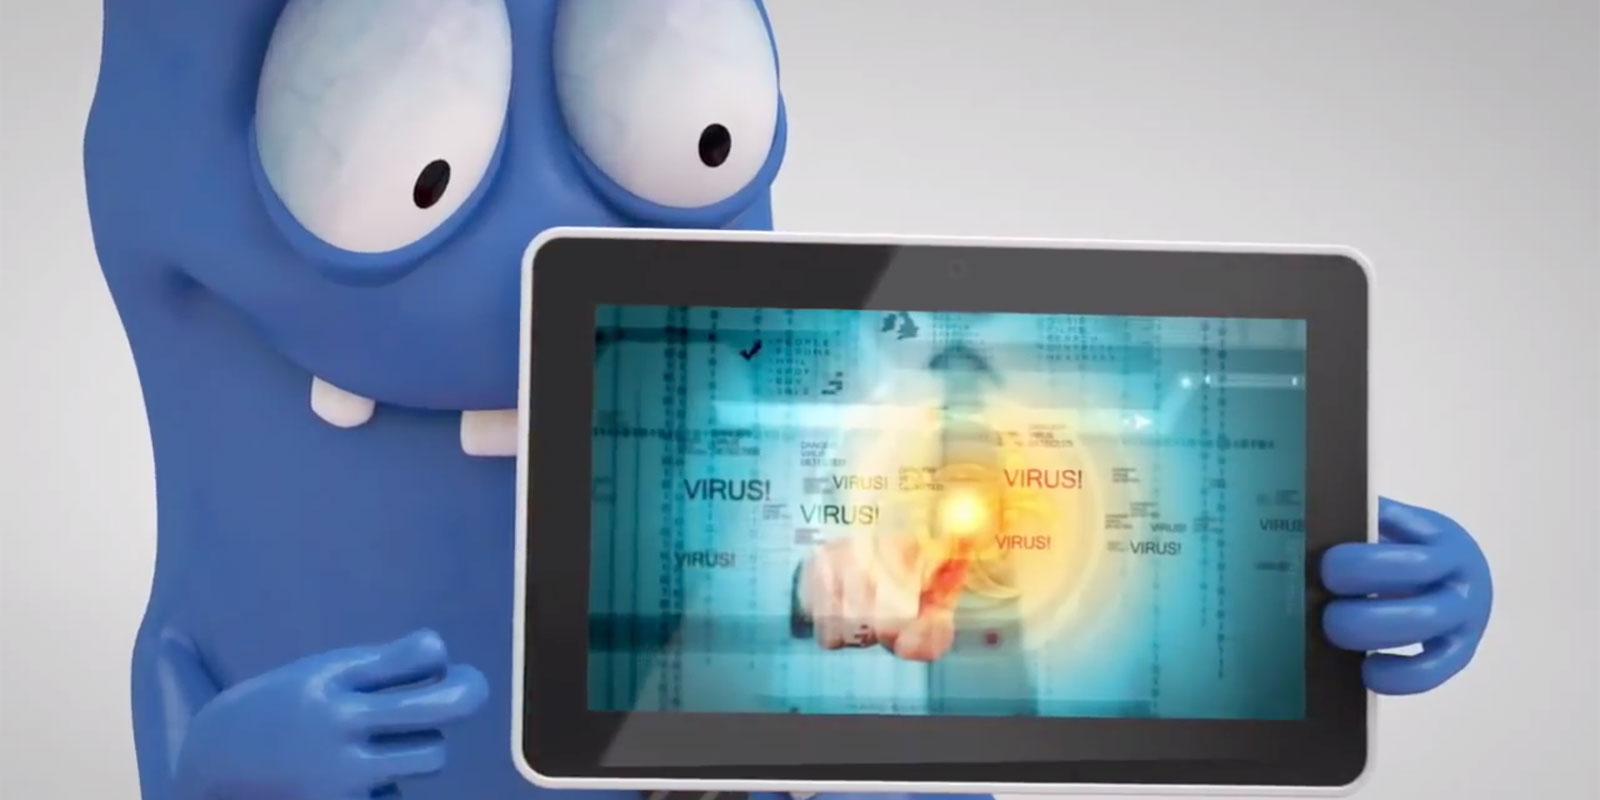 Marketing vidéo - SOS Informatique 06